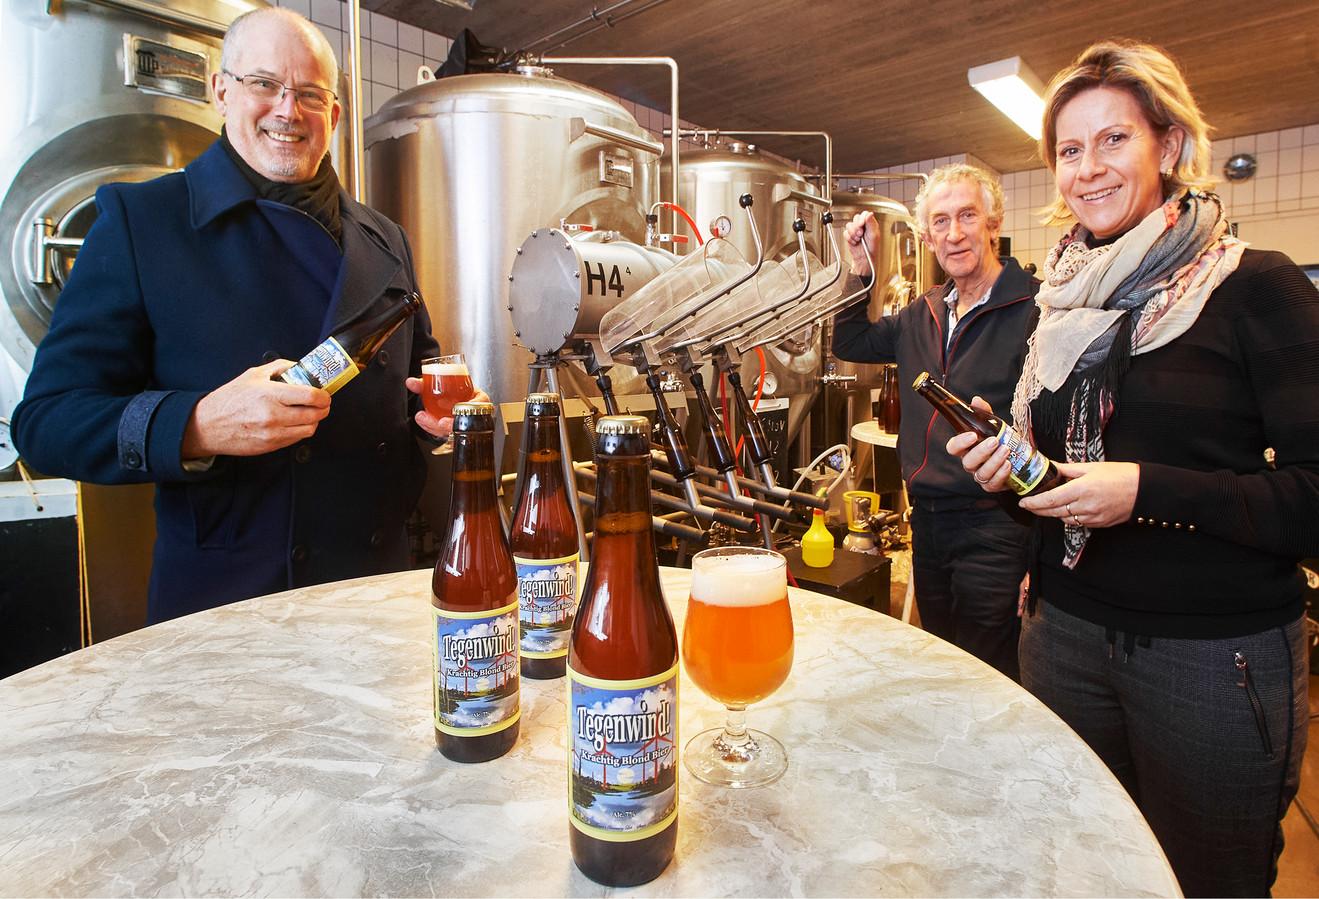 Paul Oortman (links) en Hanneke van den Berg van actiegroep Behoud Lithse Polder proeven van de eerste lichting Tegenwind. Op de achtergrond bierbrouwer Henry Thissen.